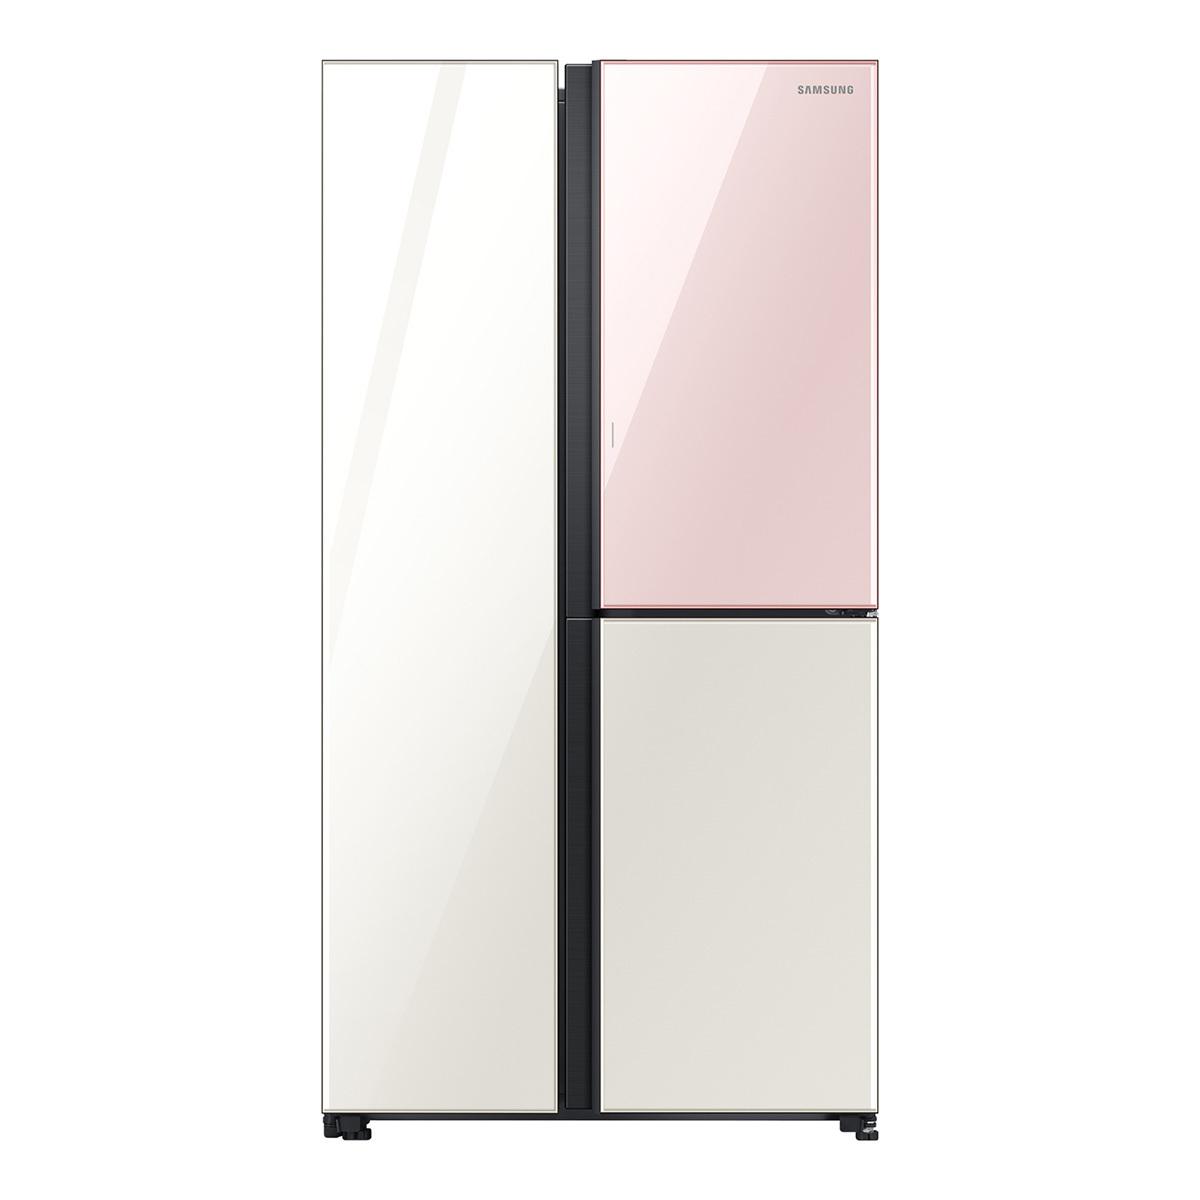 삼성 양문형 3도어 냉장고 846L RS84T50716C, 1개